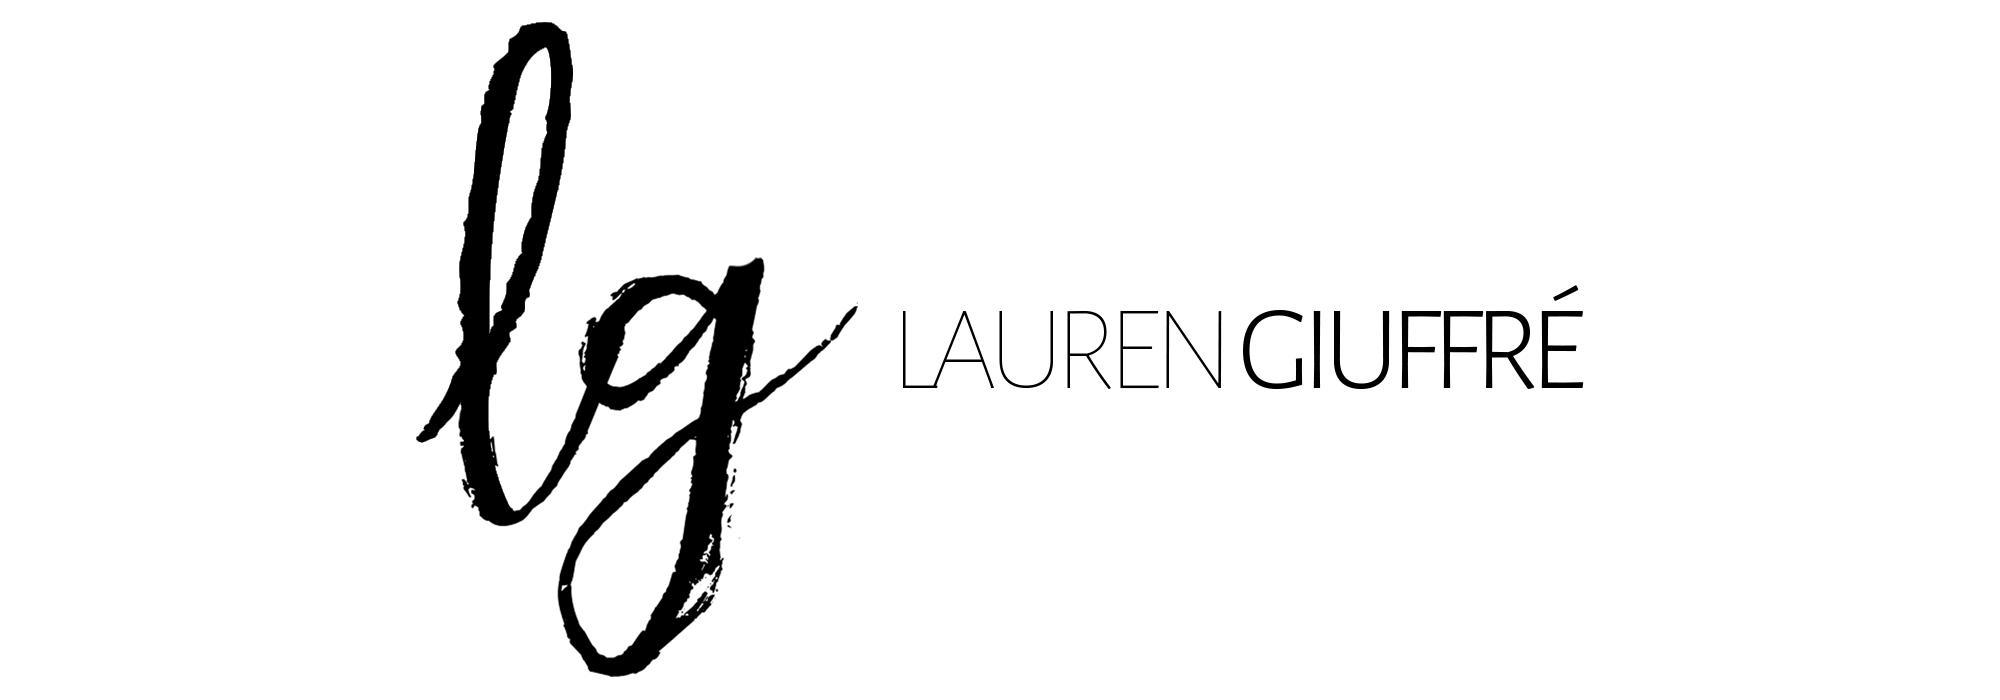 lauren-giuffre-logo.png